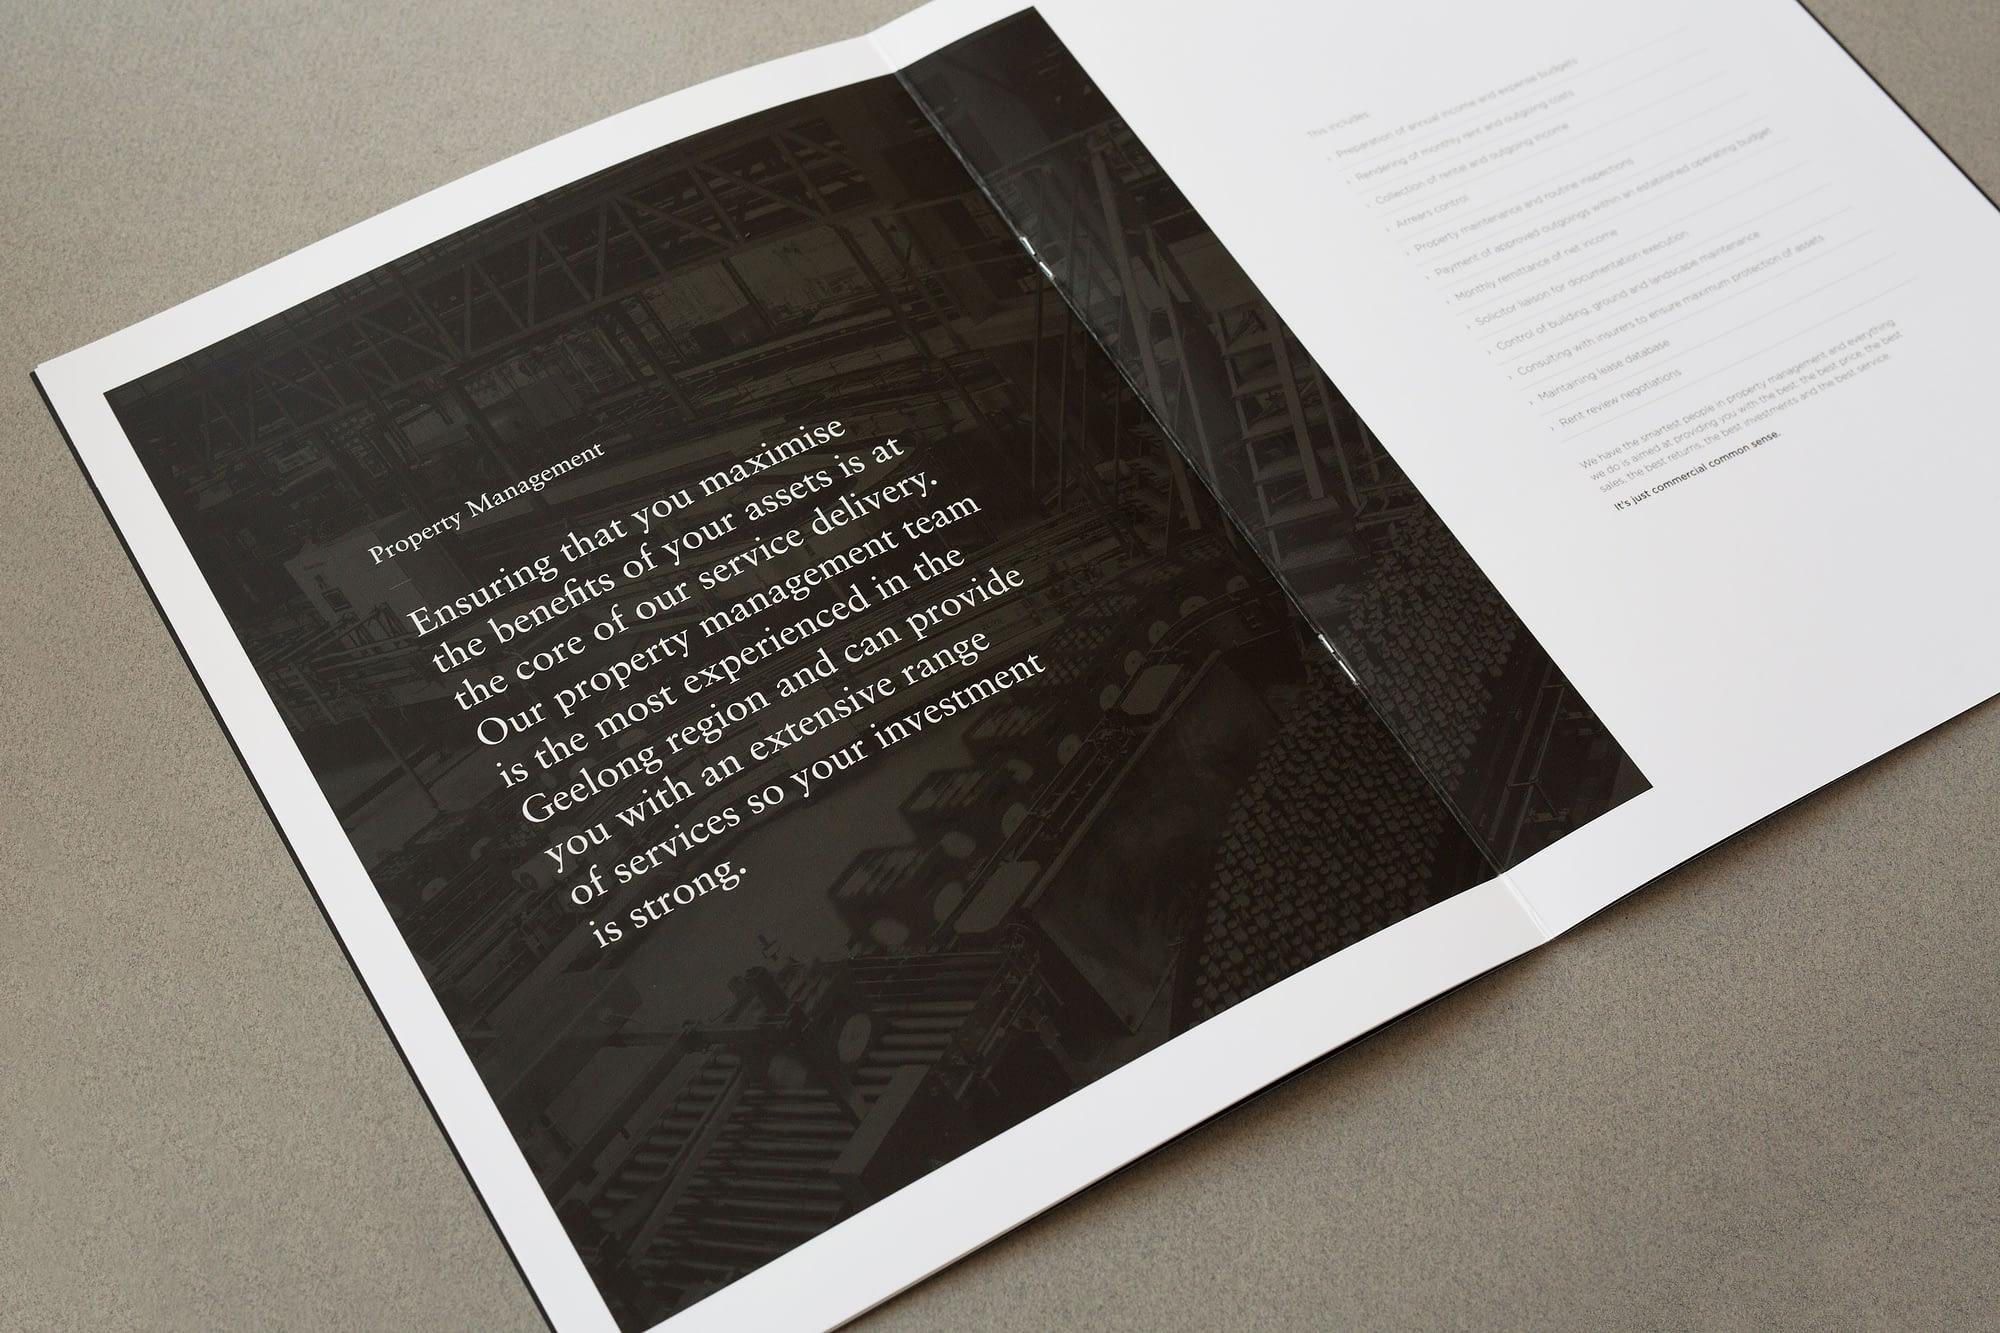 Gartland Commercial brochure spread